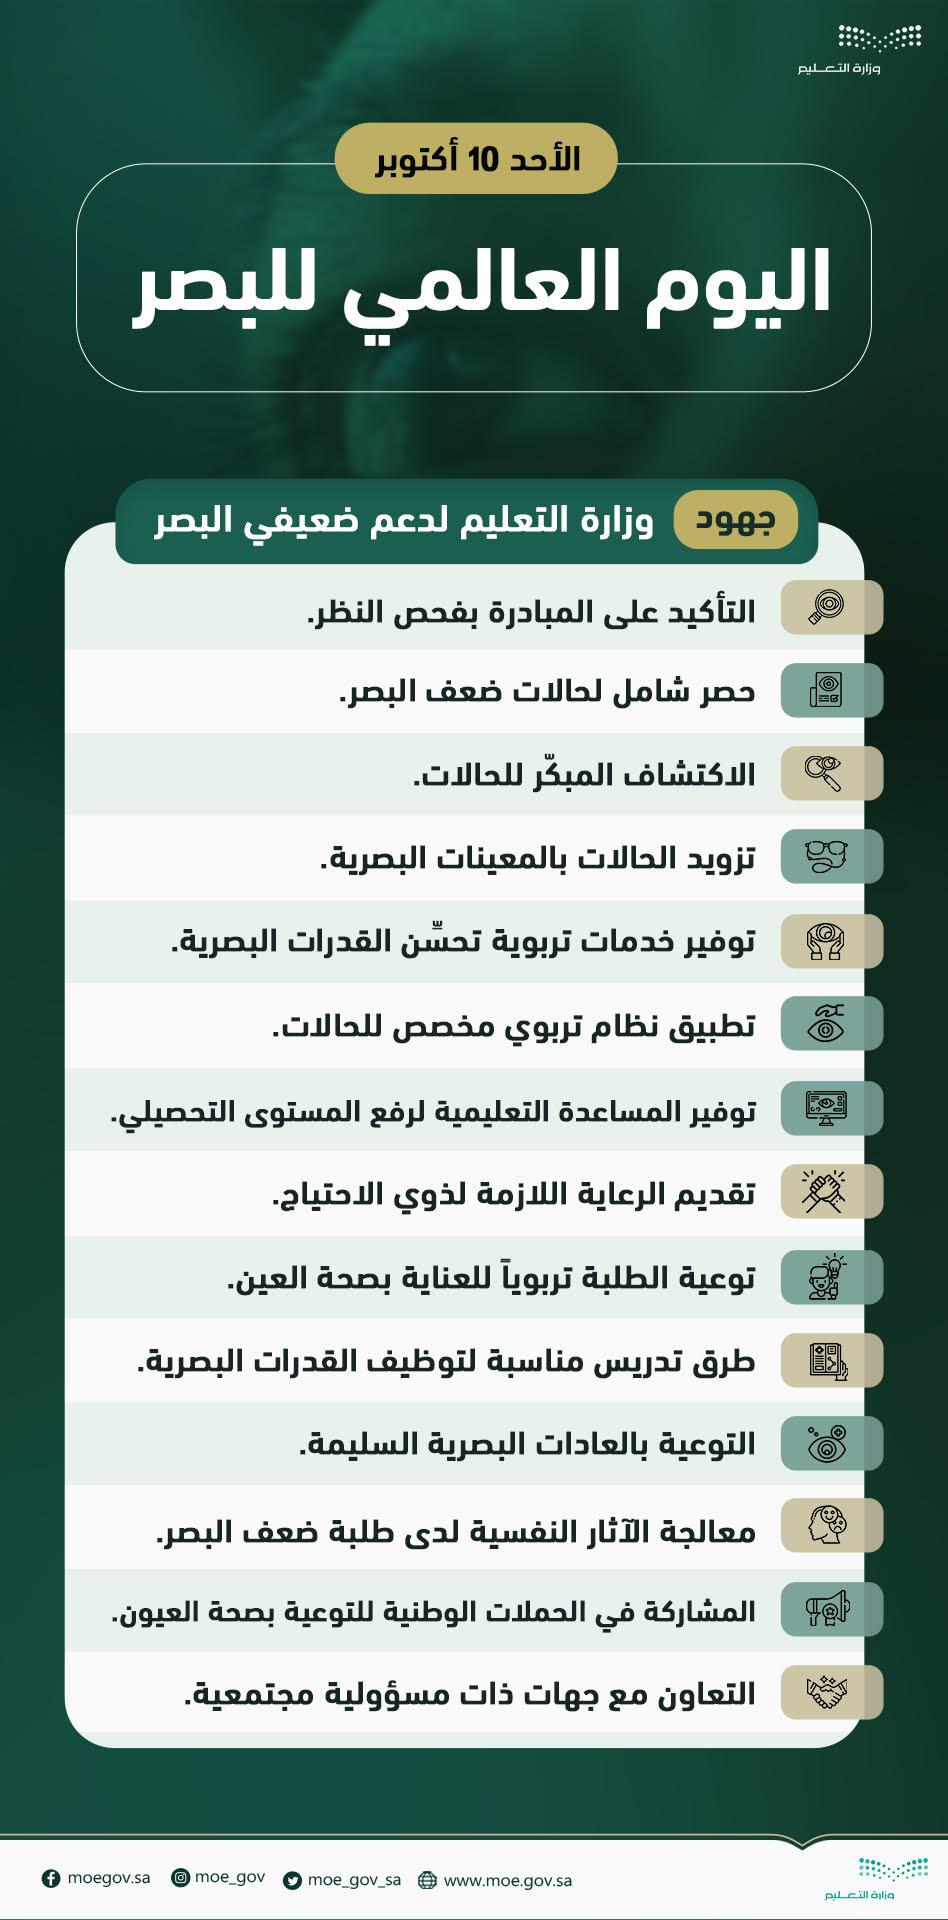 د.مها بنت عبدالله السليمان